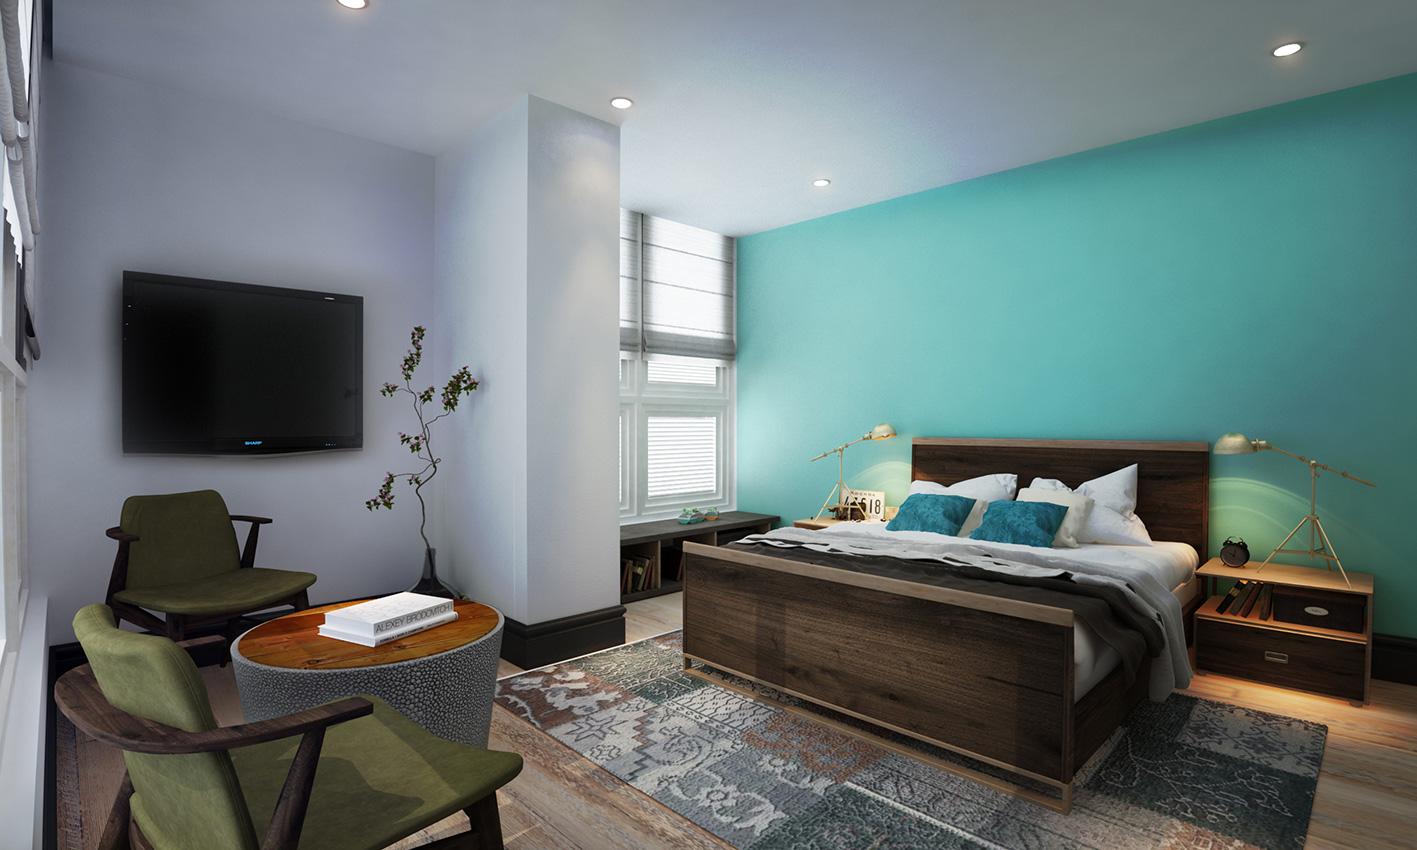 10-Jay's-bedroom.jpg